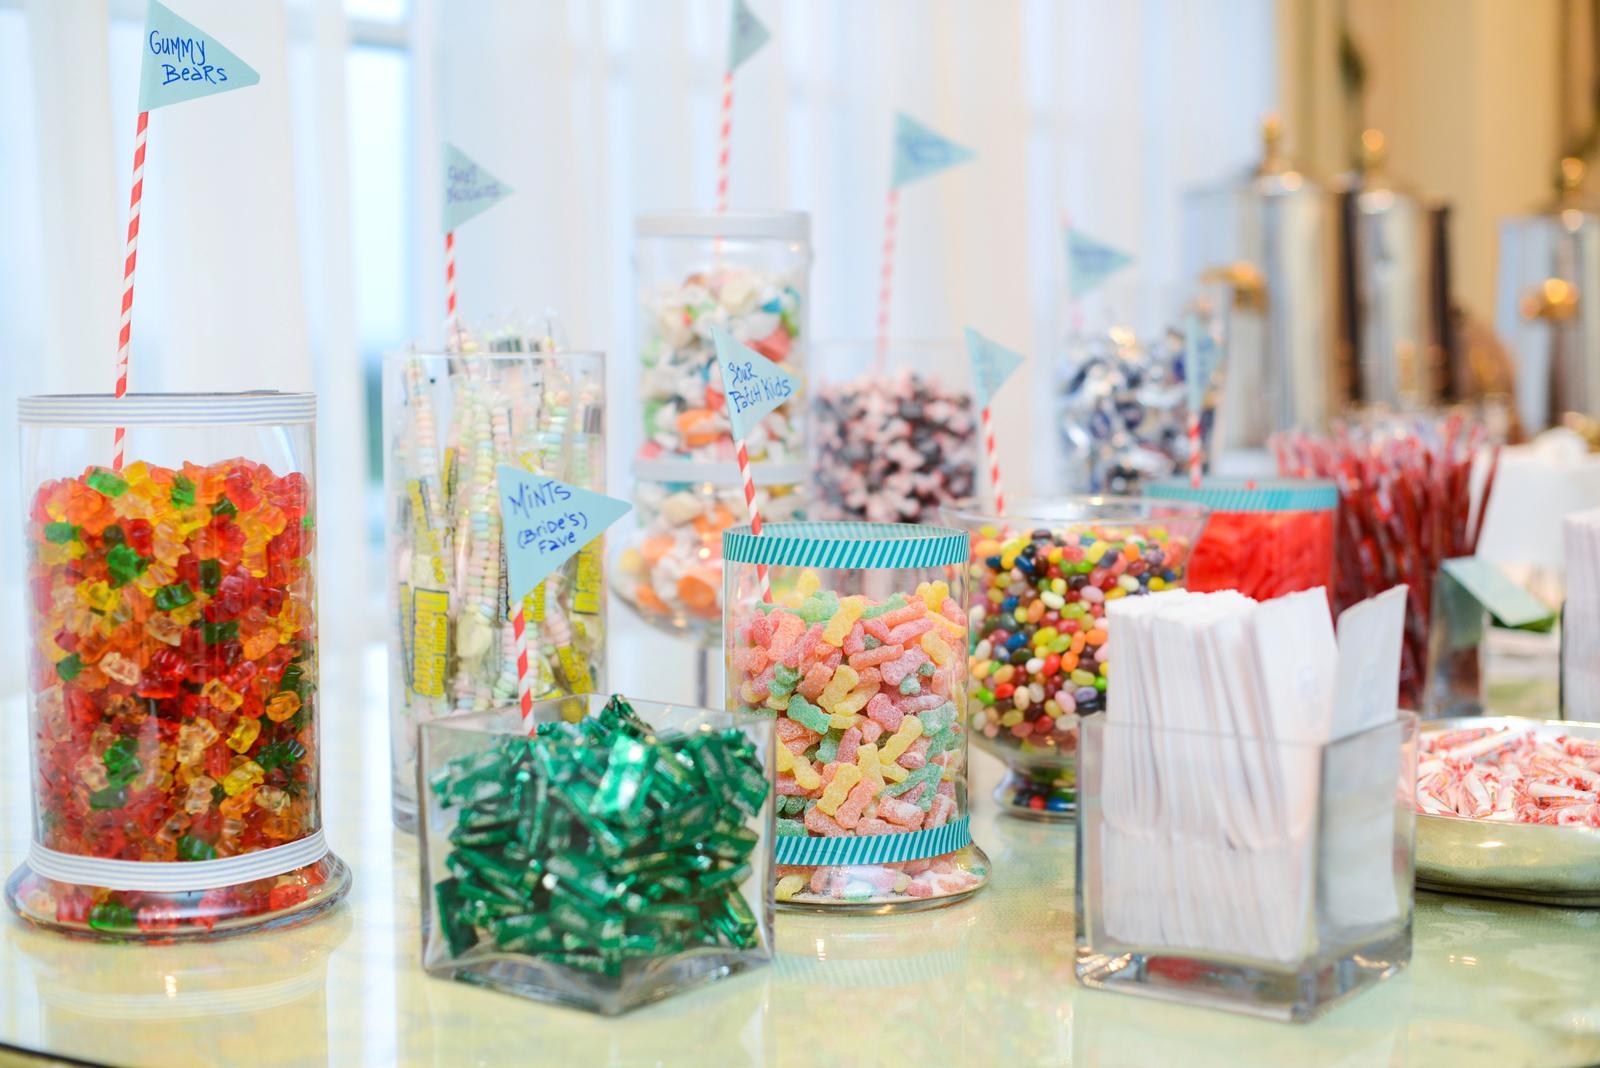 Candy bar alebo sladkosti na svadbe - Obrázok č. 22